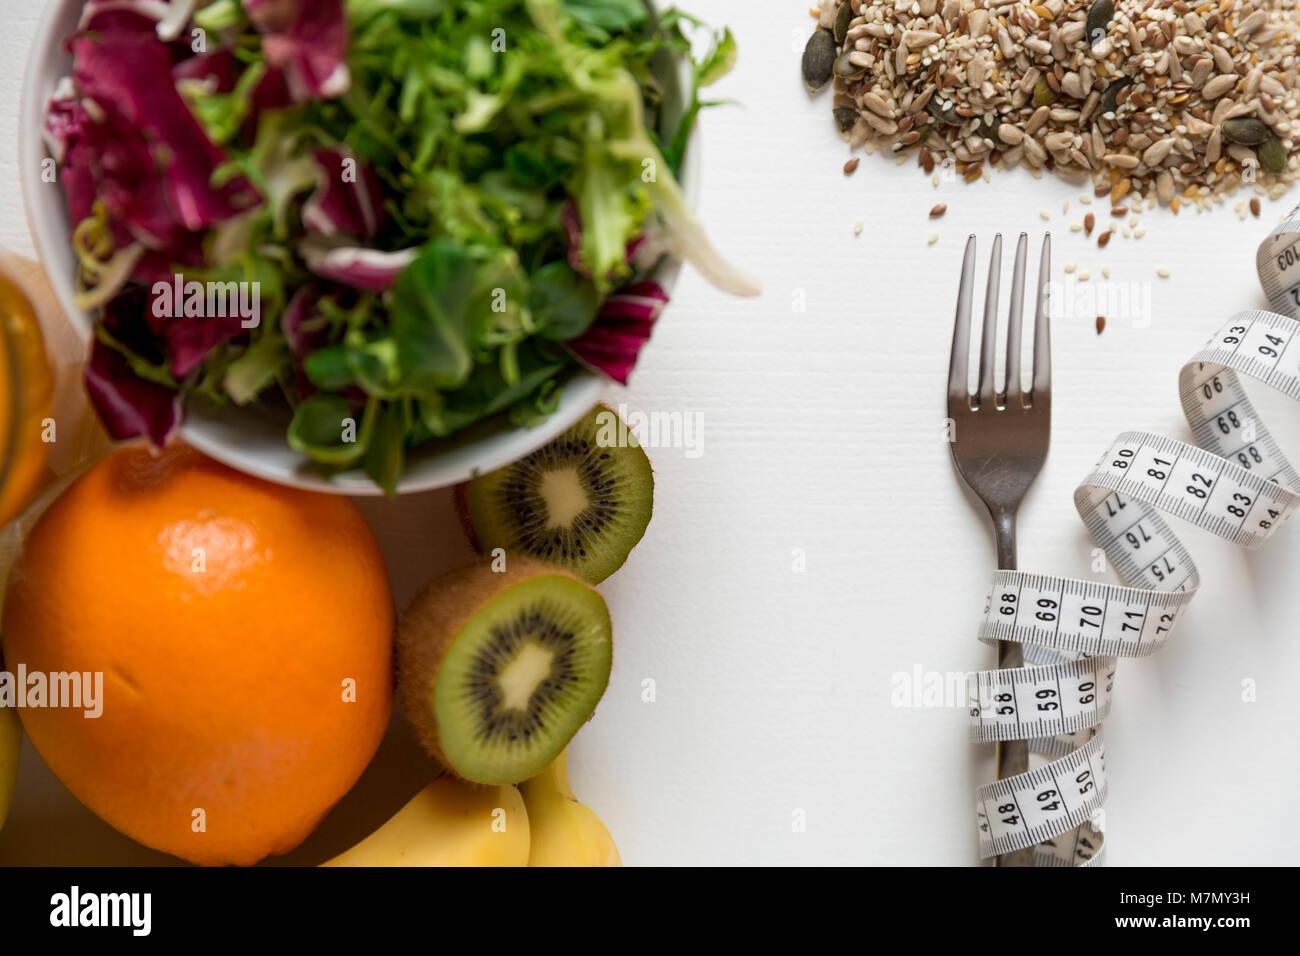 Una sana frutta, verdura e nastro di misurazione attorno alla forcella. La perdita di peso e il giusto concetto Immagini Stock